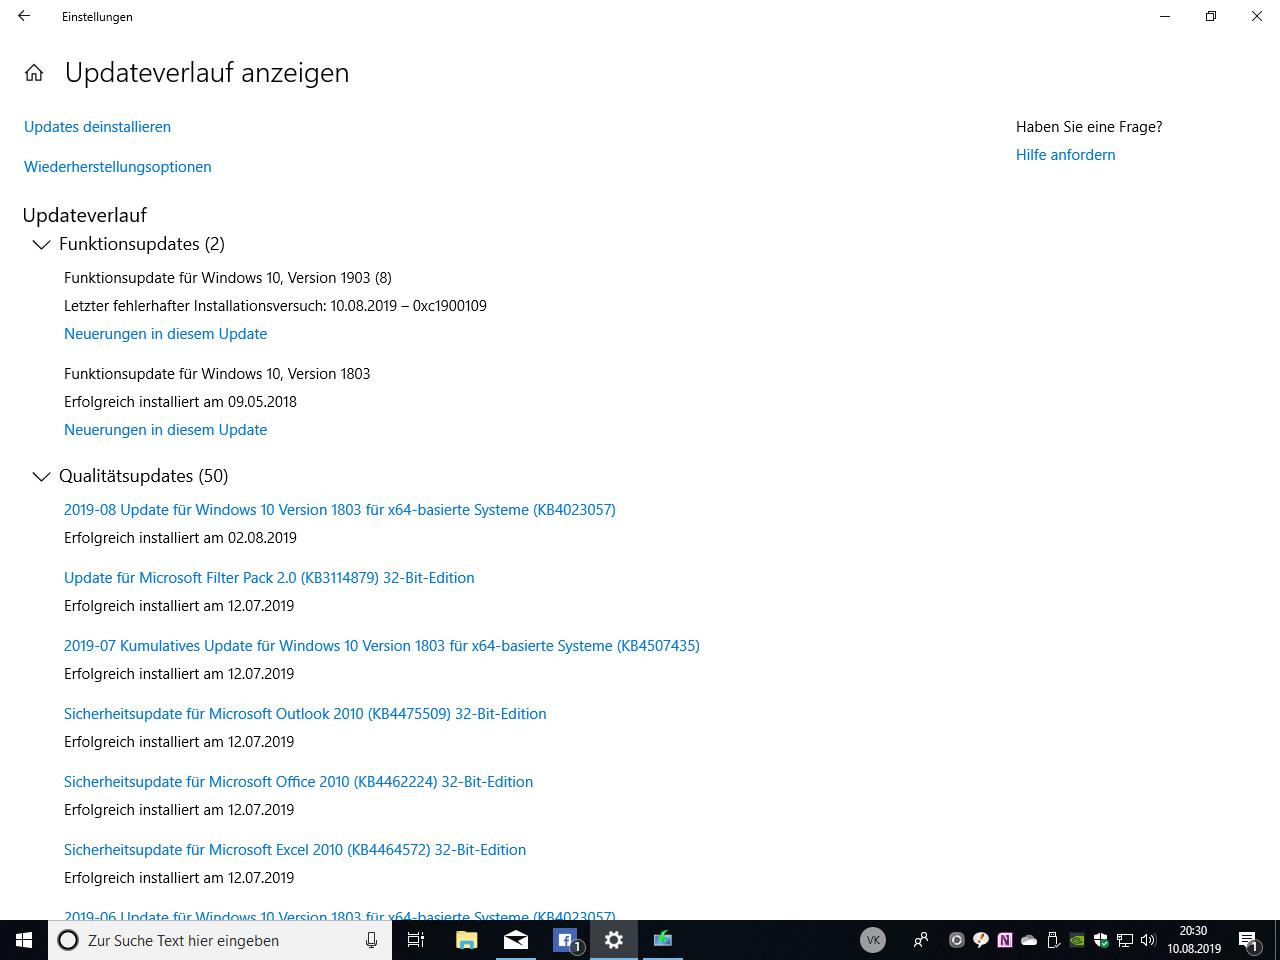 Warum lässt sich das Funktionsupdate 1903 nicht installieren (letzte Version 1803)